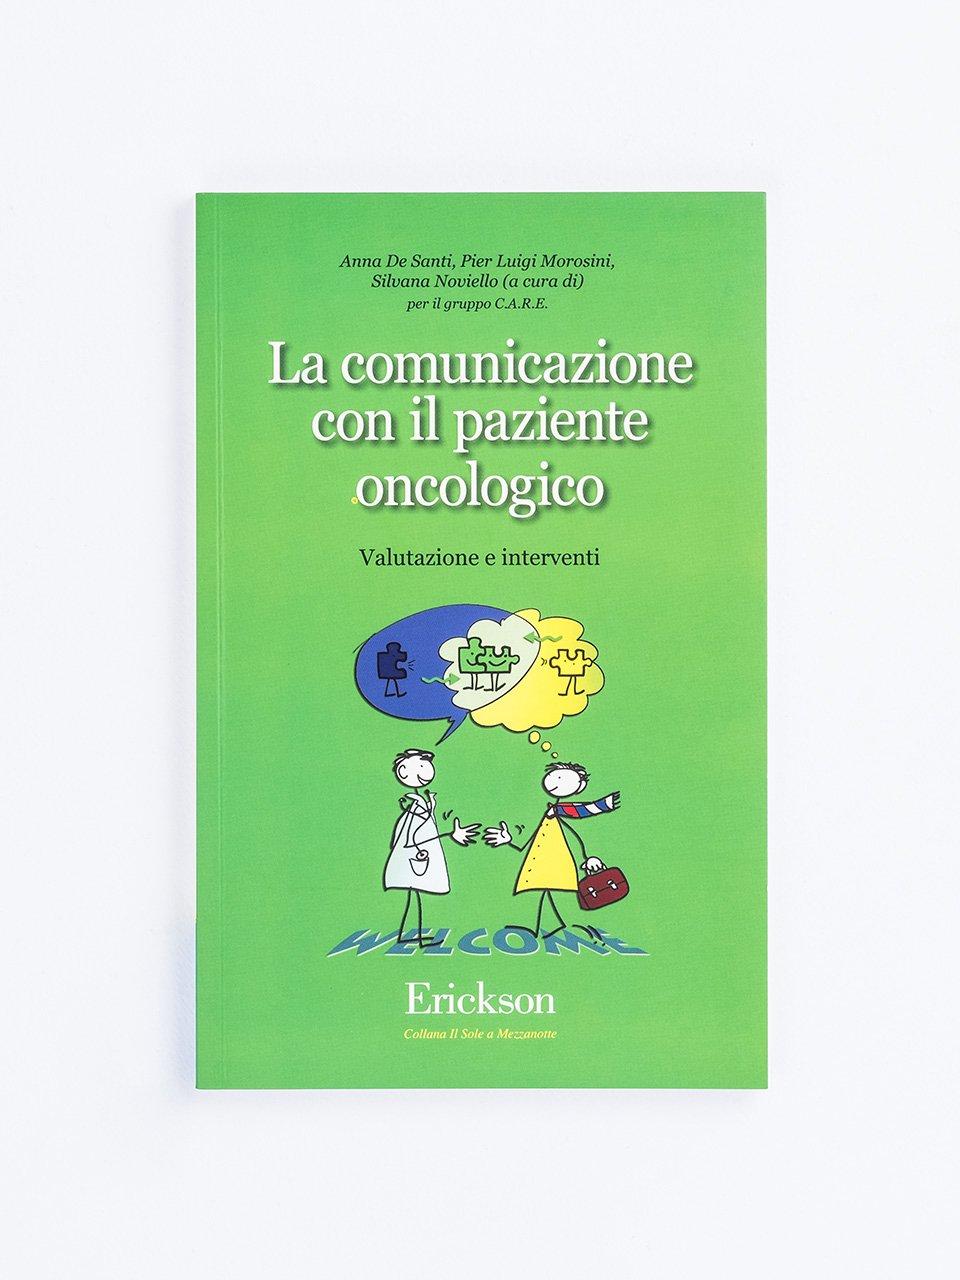 La comunicazione con il paziente oncologico - Educare liberi da stereotipi - Formazione - Erickson